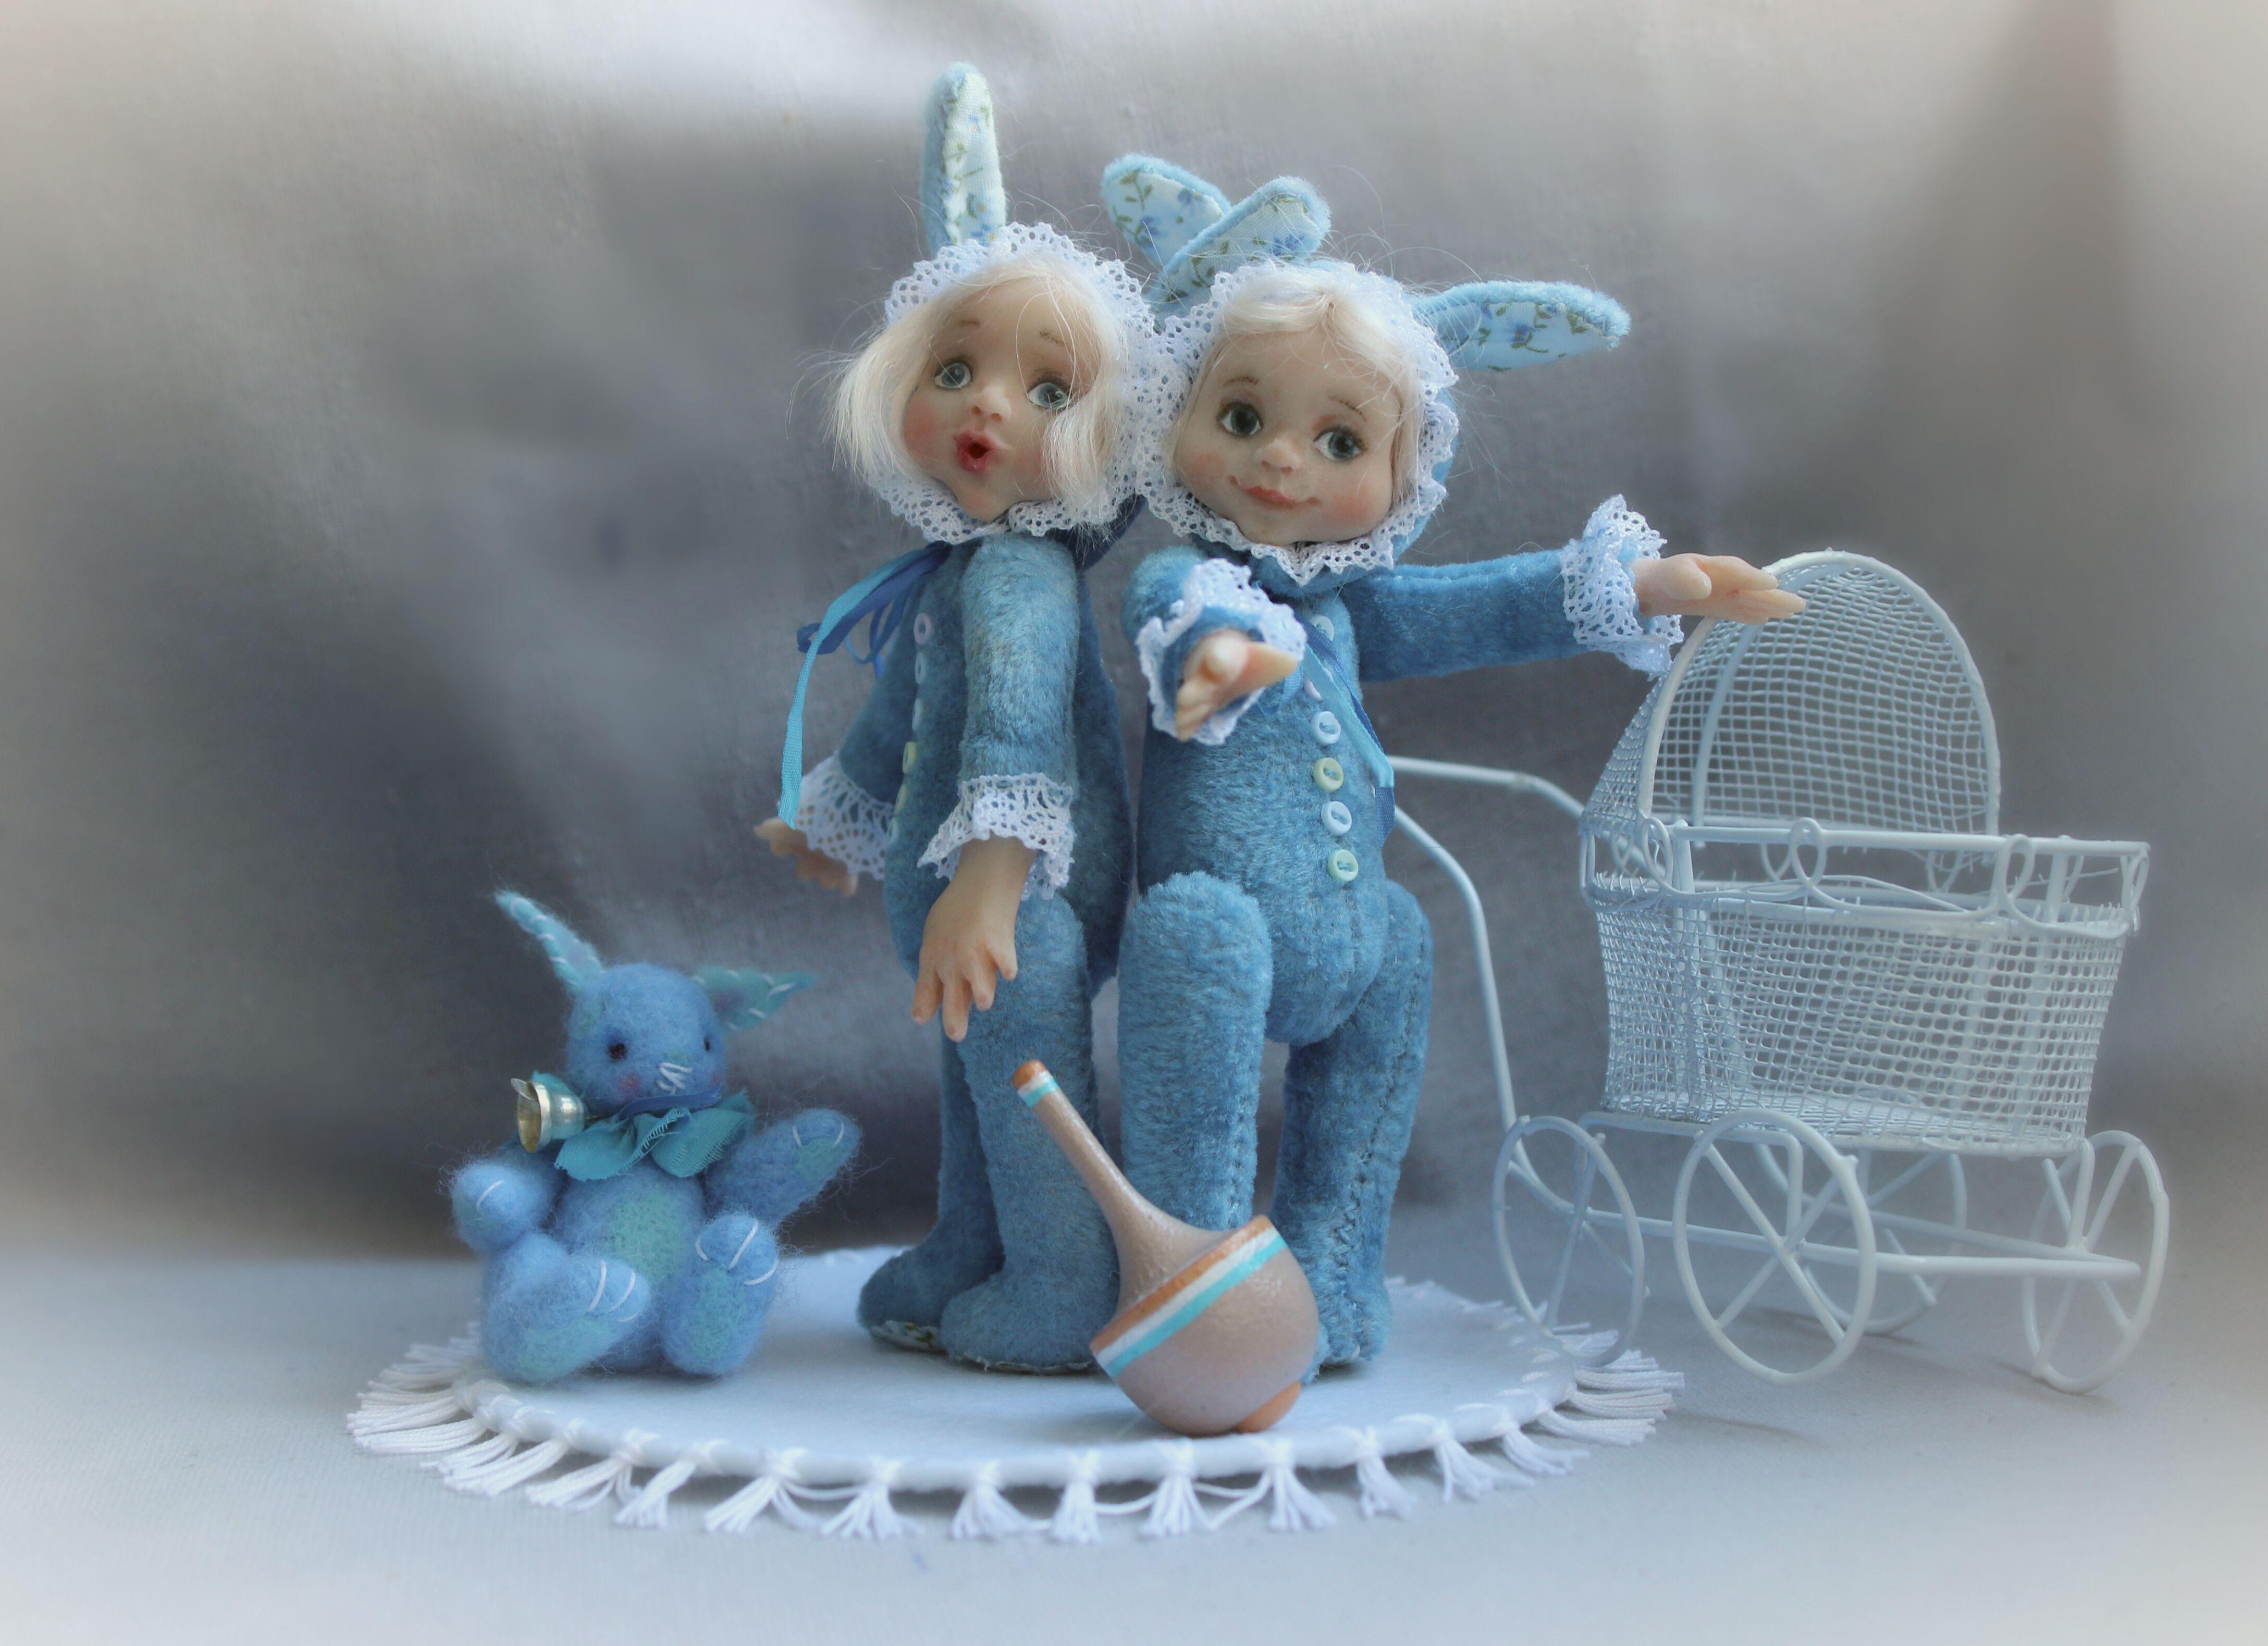 кукланазаказ теддидол авторскаяработа куклыюлииволынской оригинальныйподарок кукла куклы тедди роскошь ручнаяработа эксклюзив подарок